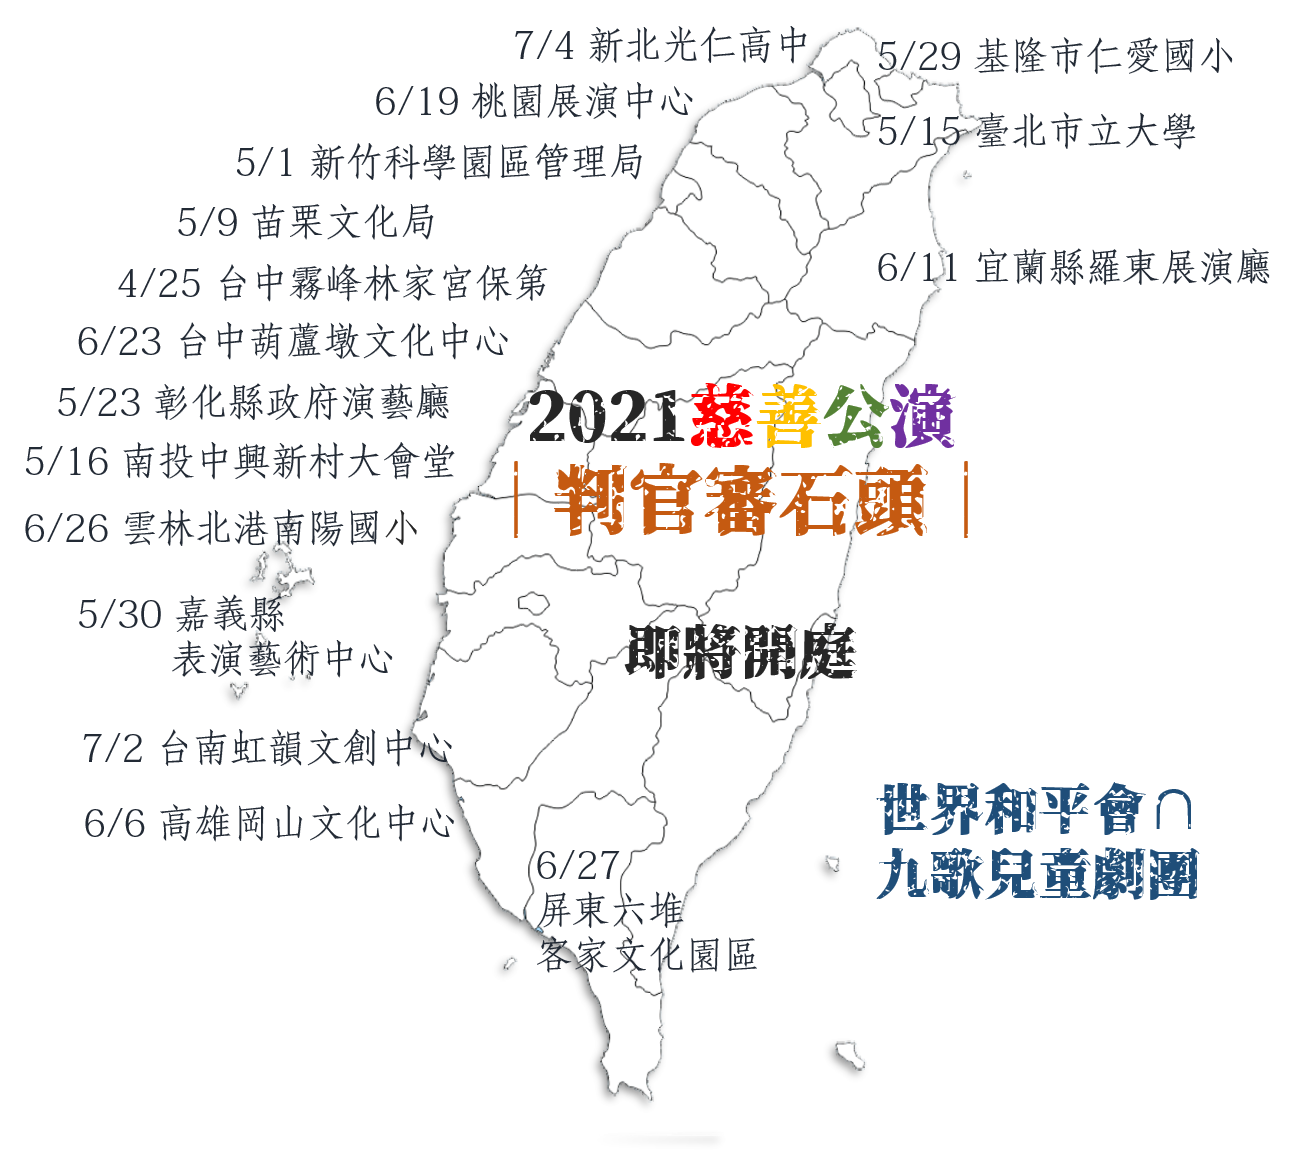 2021世界和平會兒童戲劇慈善公演場次表地圖